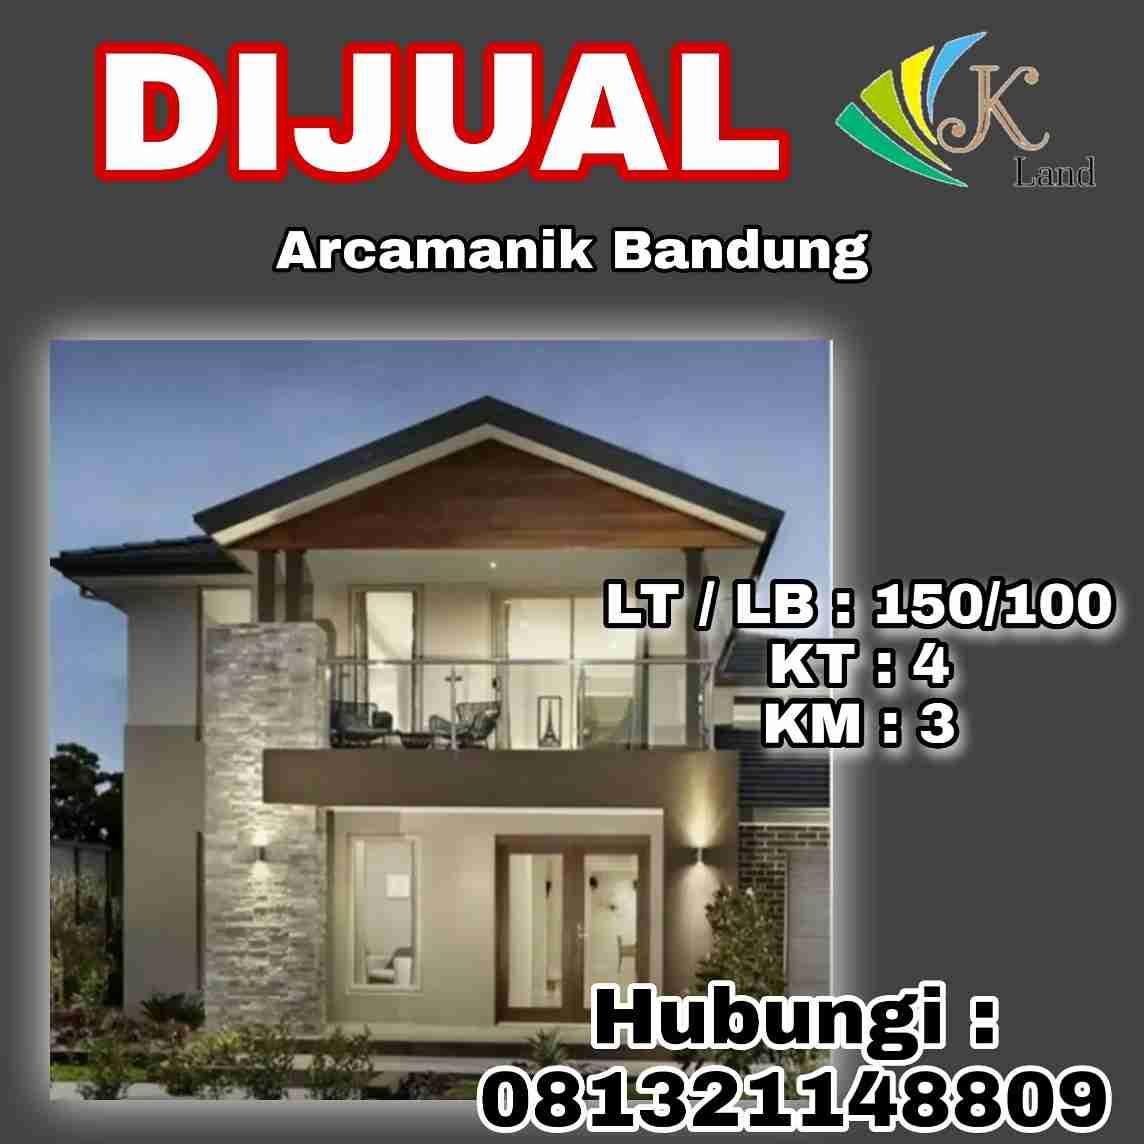 Dijual Rumah Premium Arcamanik Bandung